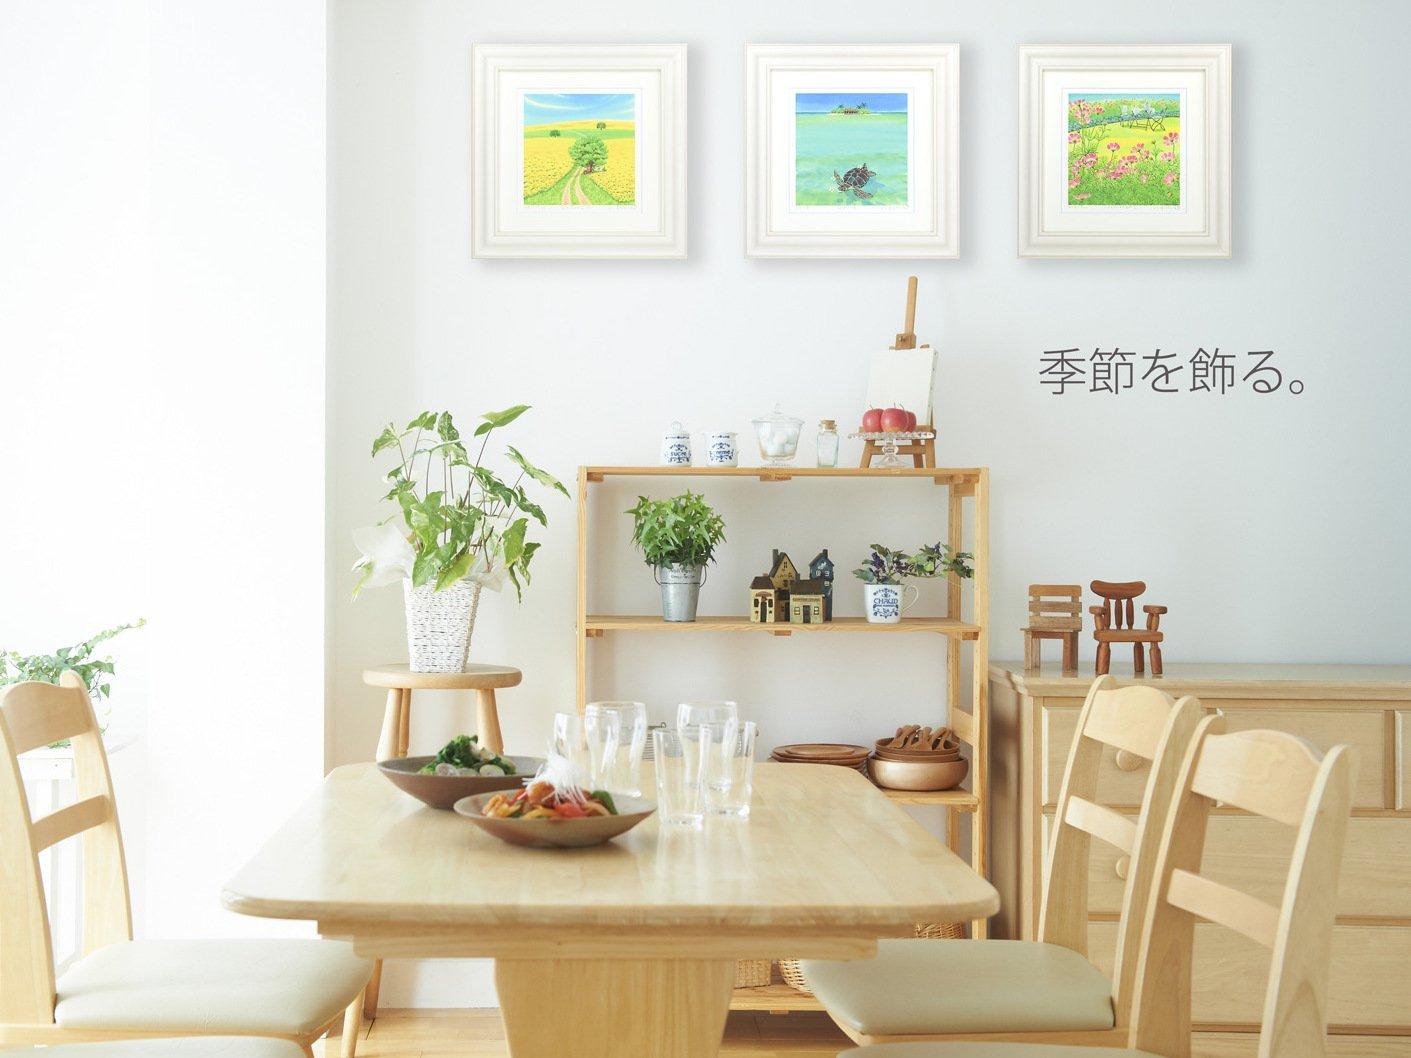 《絵画 壁掛け》くりのき はるみ「アロハ/ロングボード」